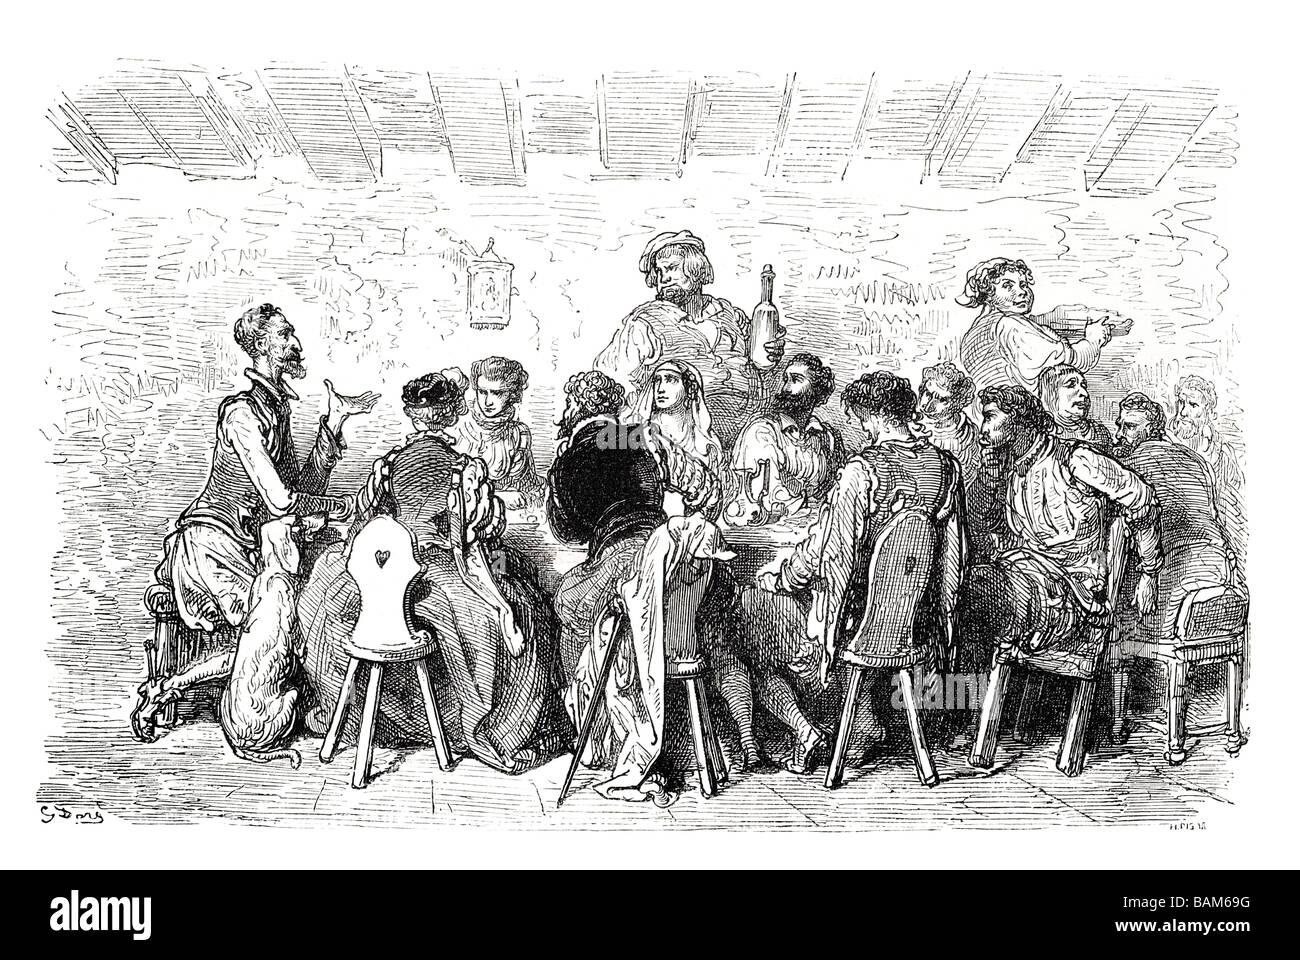 Capítulo XXXIV 34 34 novela española Don Quijote Alonso Quixano literatura Cervantes quest Imagen De Stock